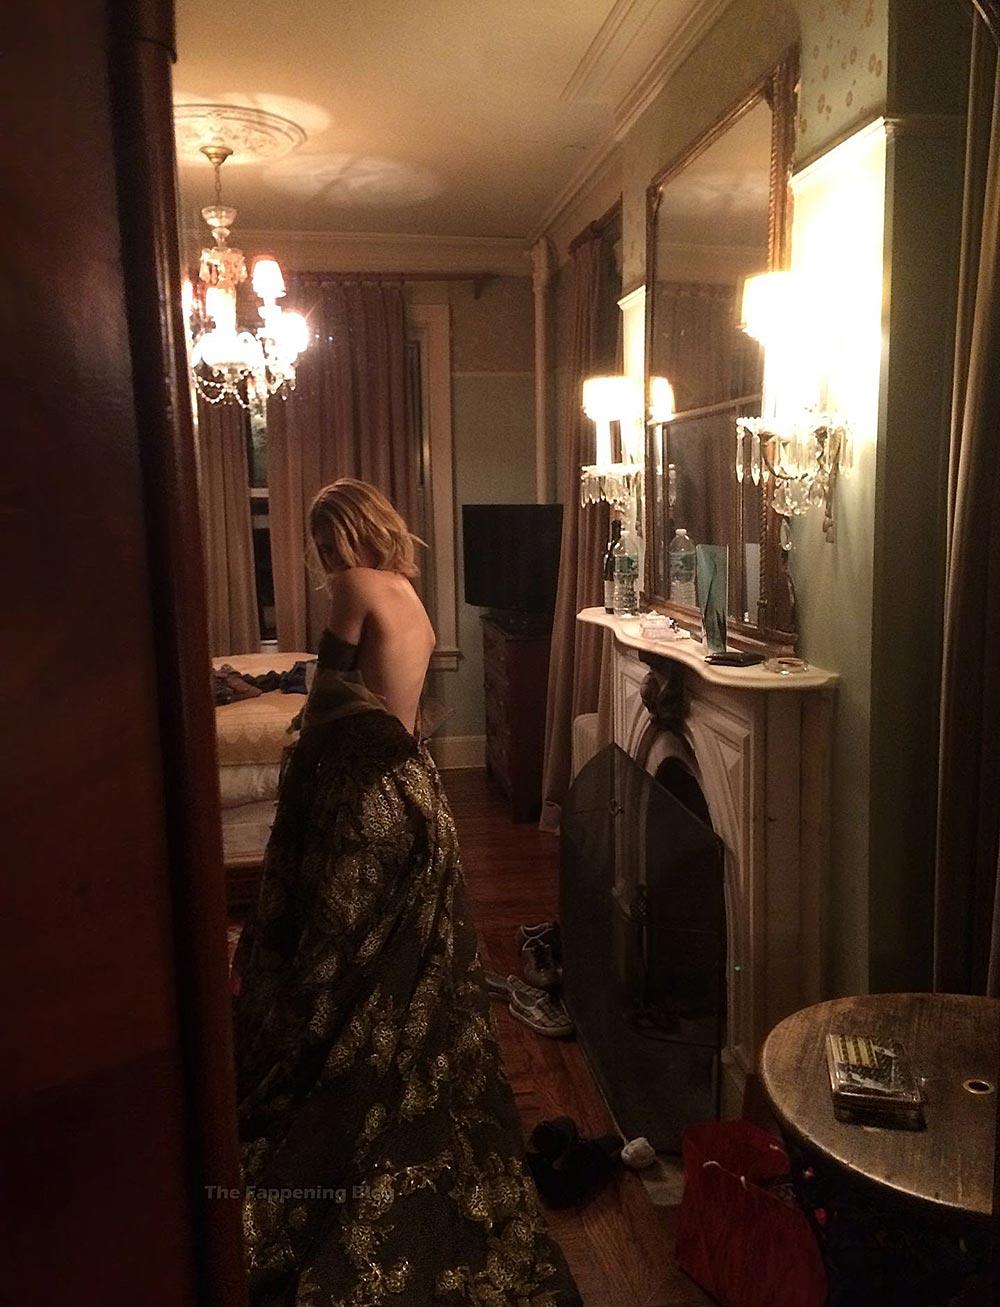 Kate Mara Nude Leaked backstage